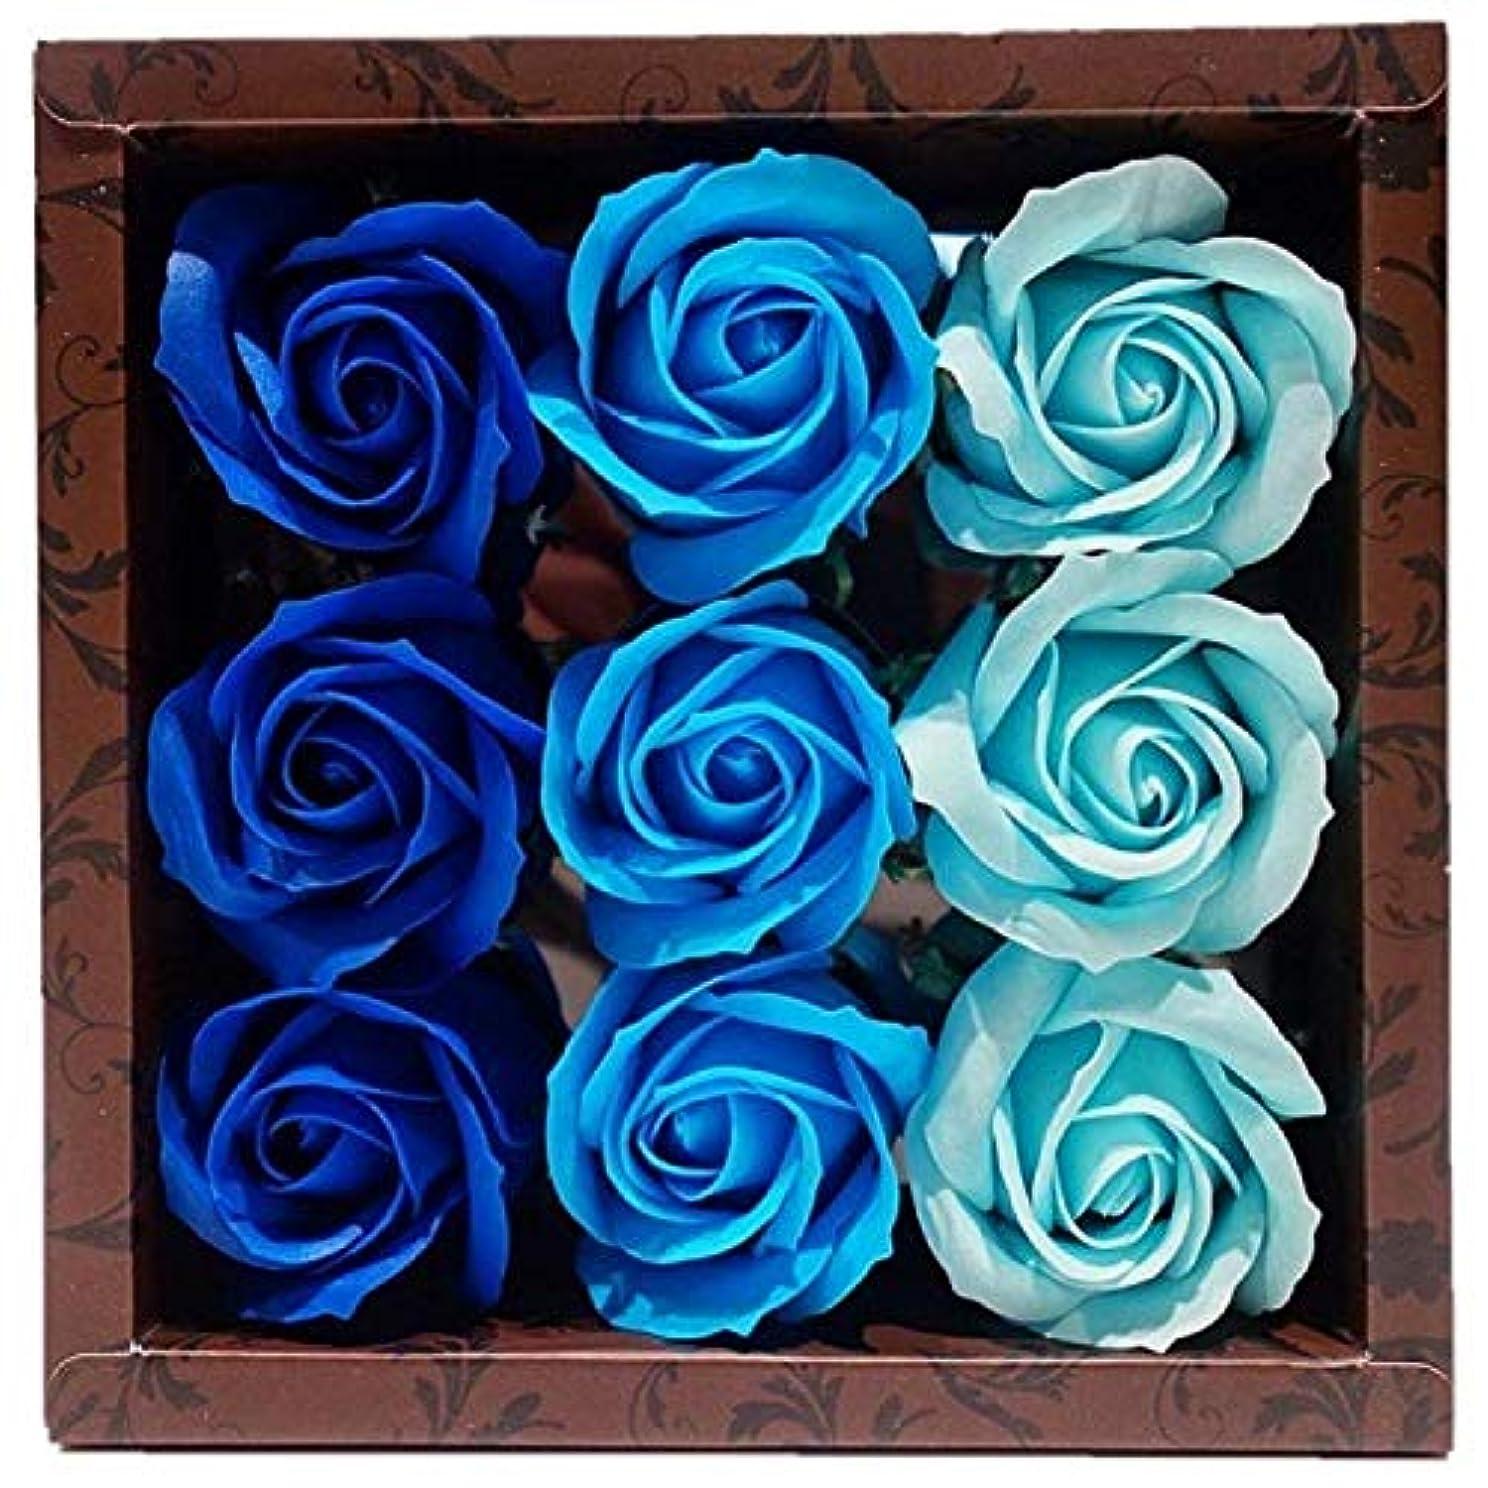 汚染不完全ビヨンバスフレグランス バスフラワー ローズフレグランス ブルーカラー ギフト お花の形の入浴剤 ばら